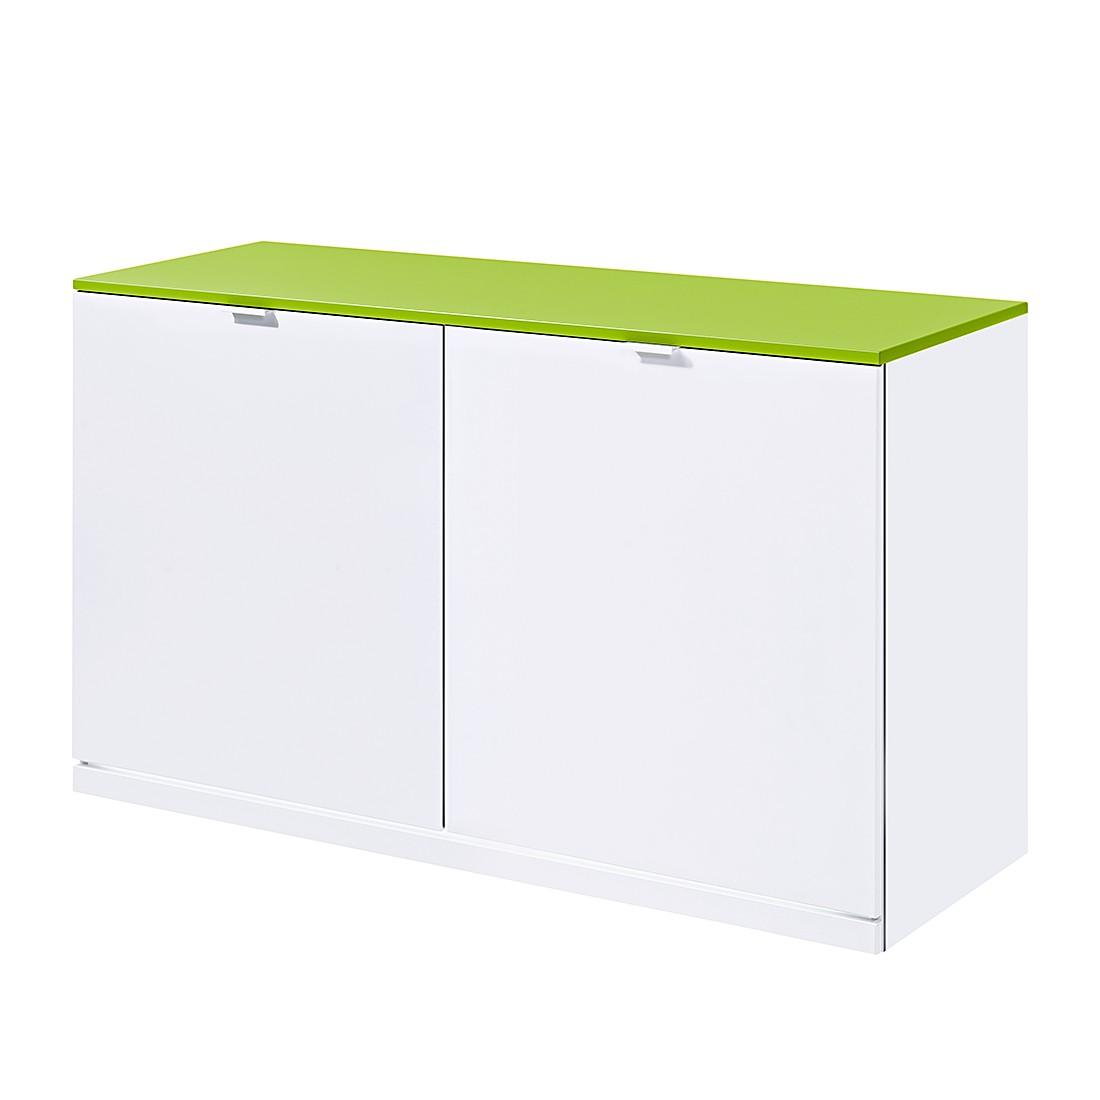 sideboard vip ii wei gr n mit led beleuchtung. Black Bedroom Furniture Sets. Home Design Ideas